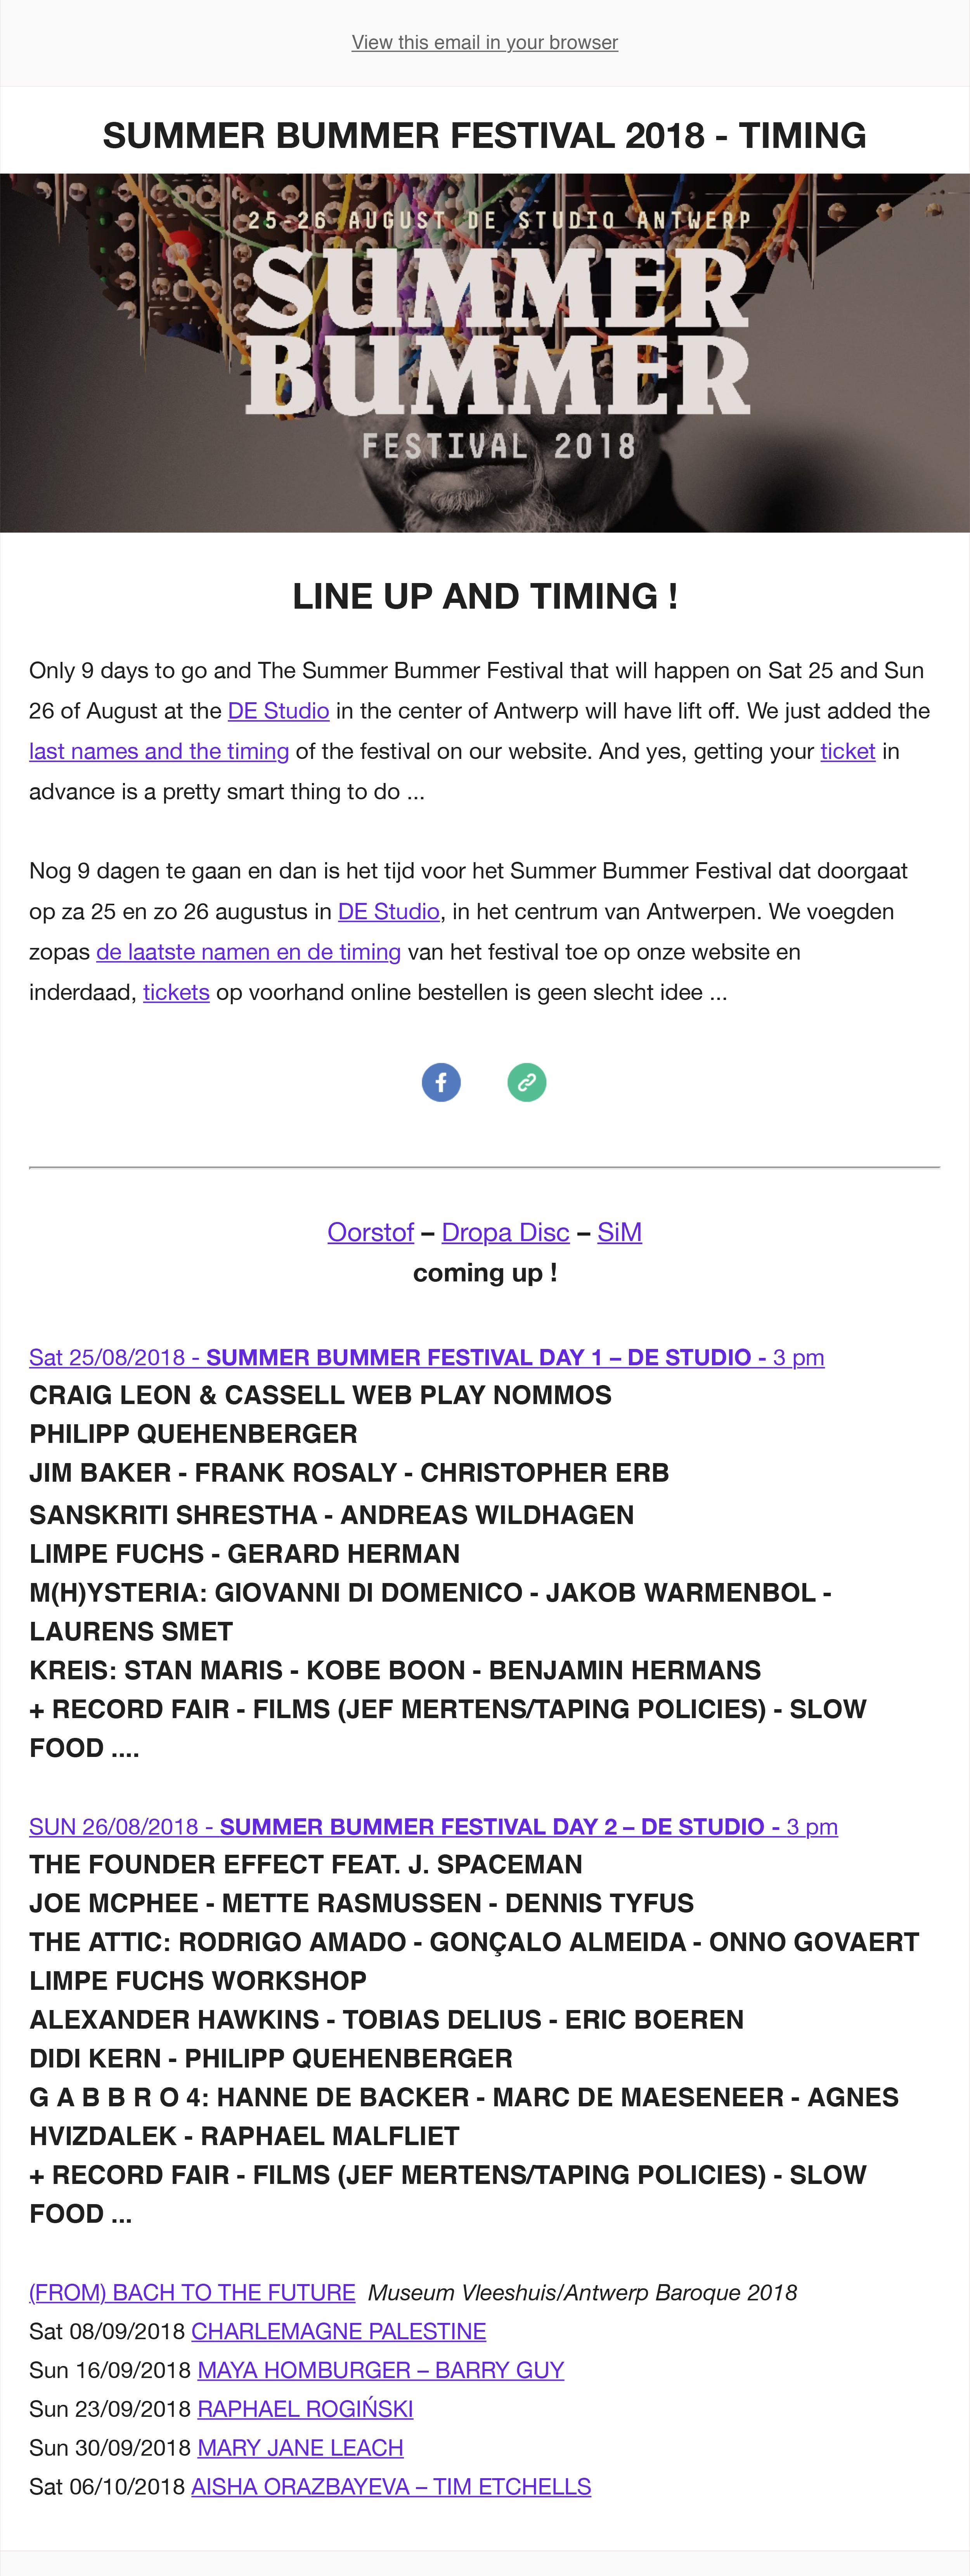 summerbummerfestival_2018_nieuws